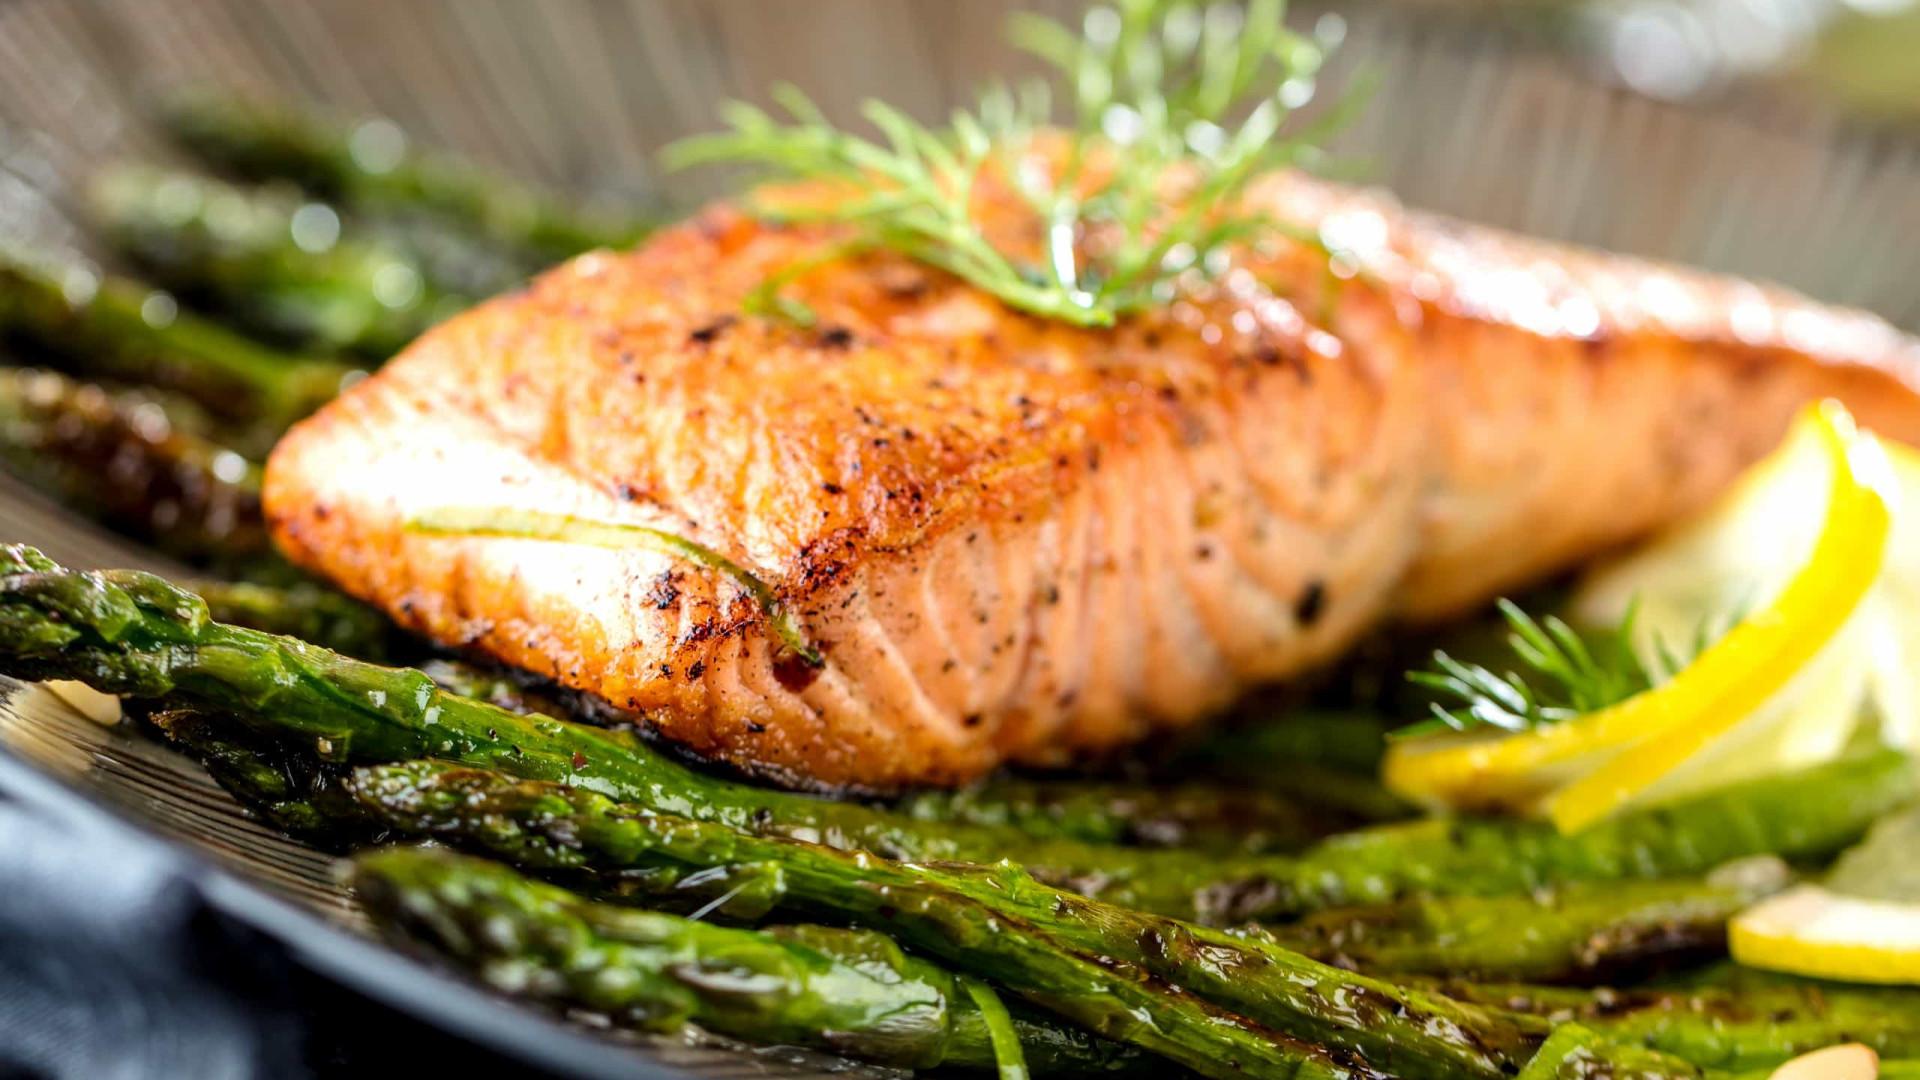 A felicidade em um prato. Alimentos ricos em triptofano